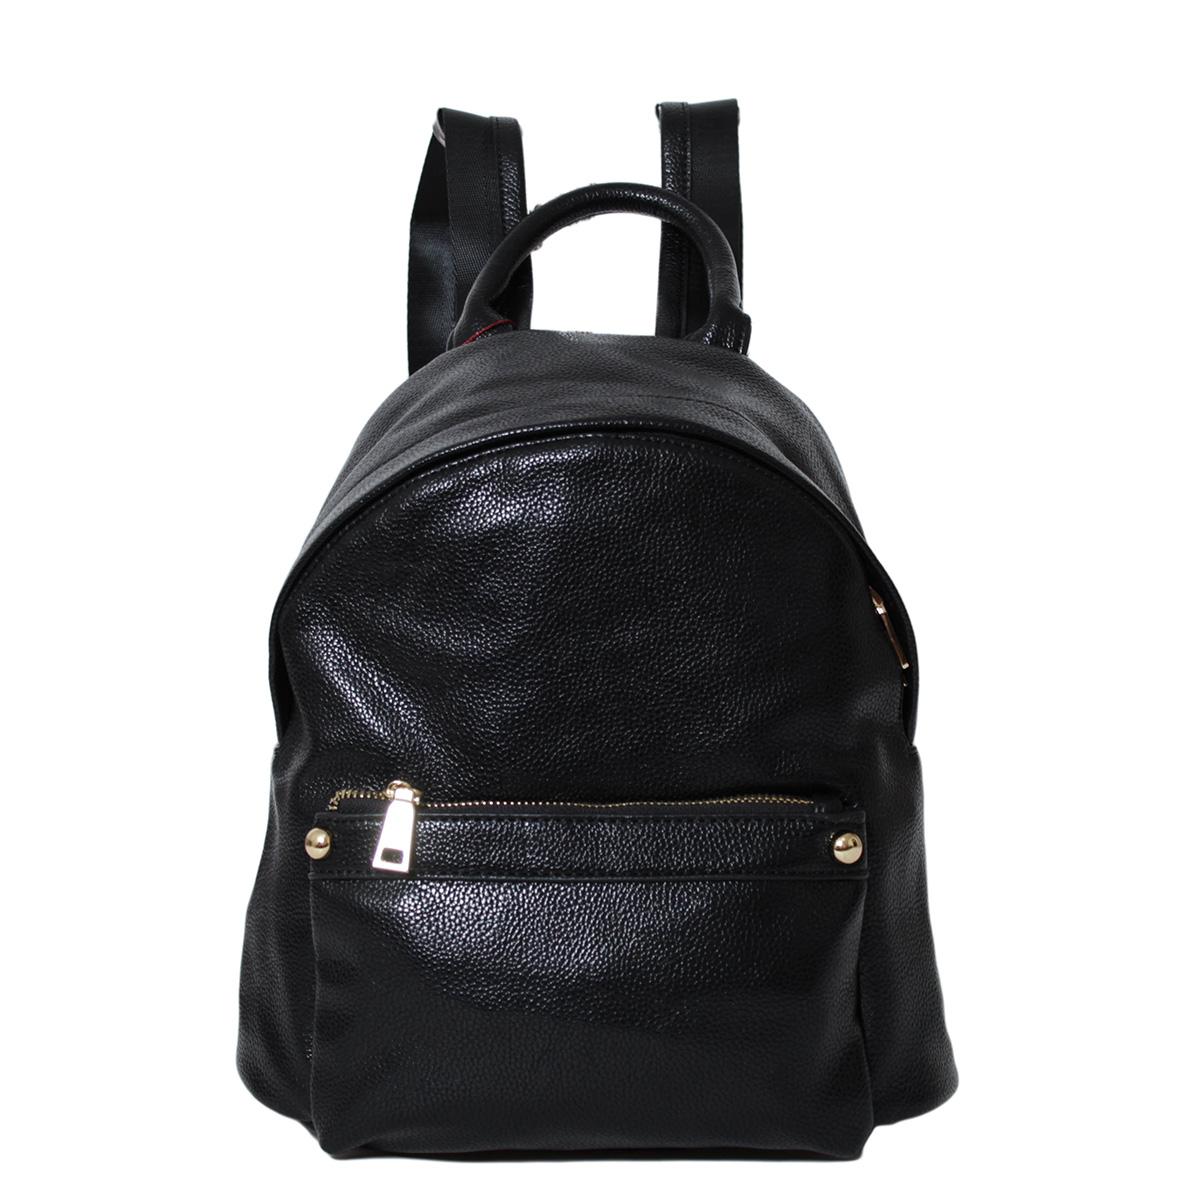 Рюкзак женский Flioraj, цвет: черный. 00052455S76245Рюкзак Flioraj выполнен из высококачественной искусственной кожи. Изделие оснащено ручкой для подвешивания и удобными лямками. На лицевой стороне расположен карман на молнии. Рюкзак закрывается на молнию. Внутри расположено главное вместительное отделение, которое содержит один небольшой карман на молнии и один открытый накладной карман для мелочей.